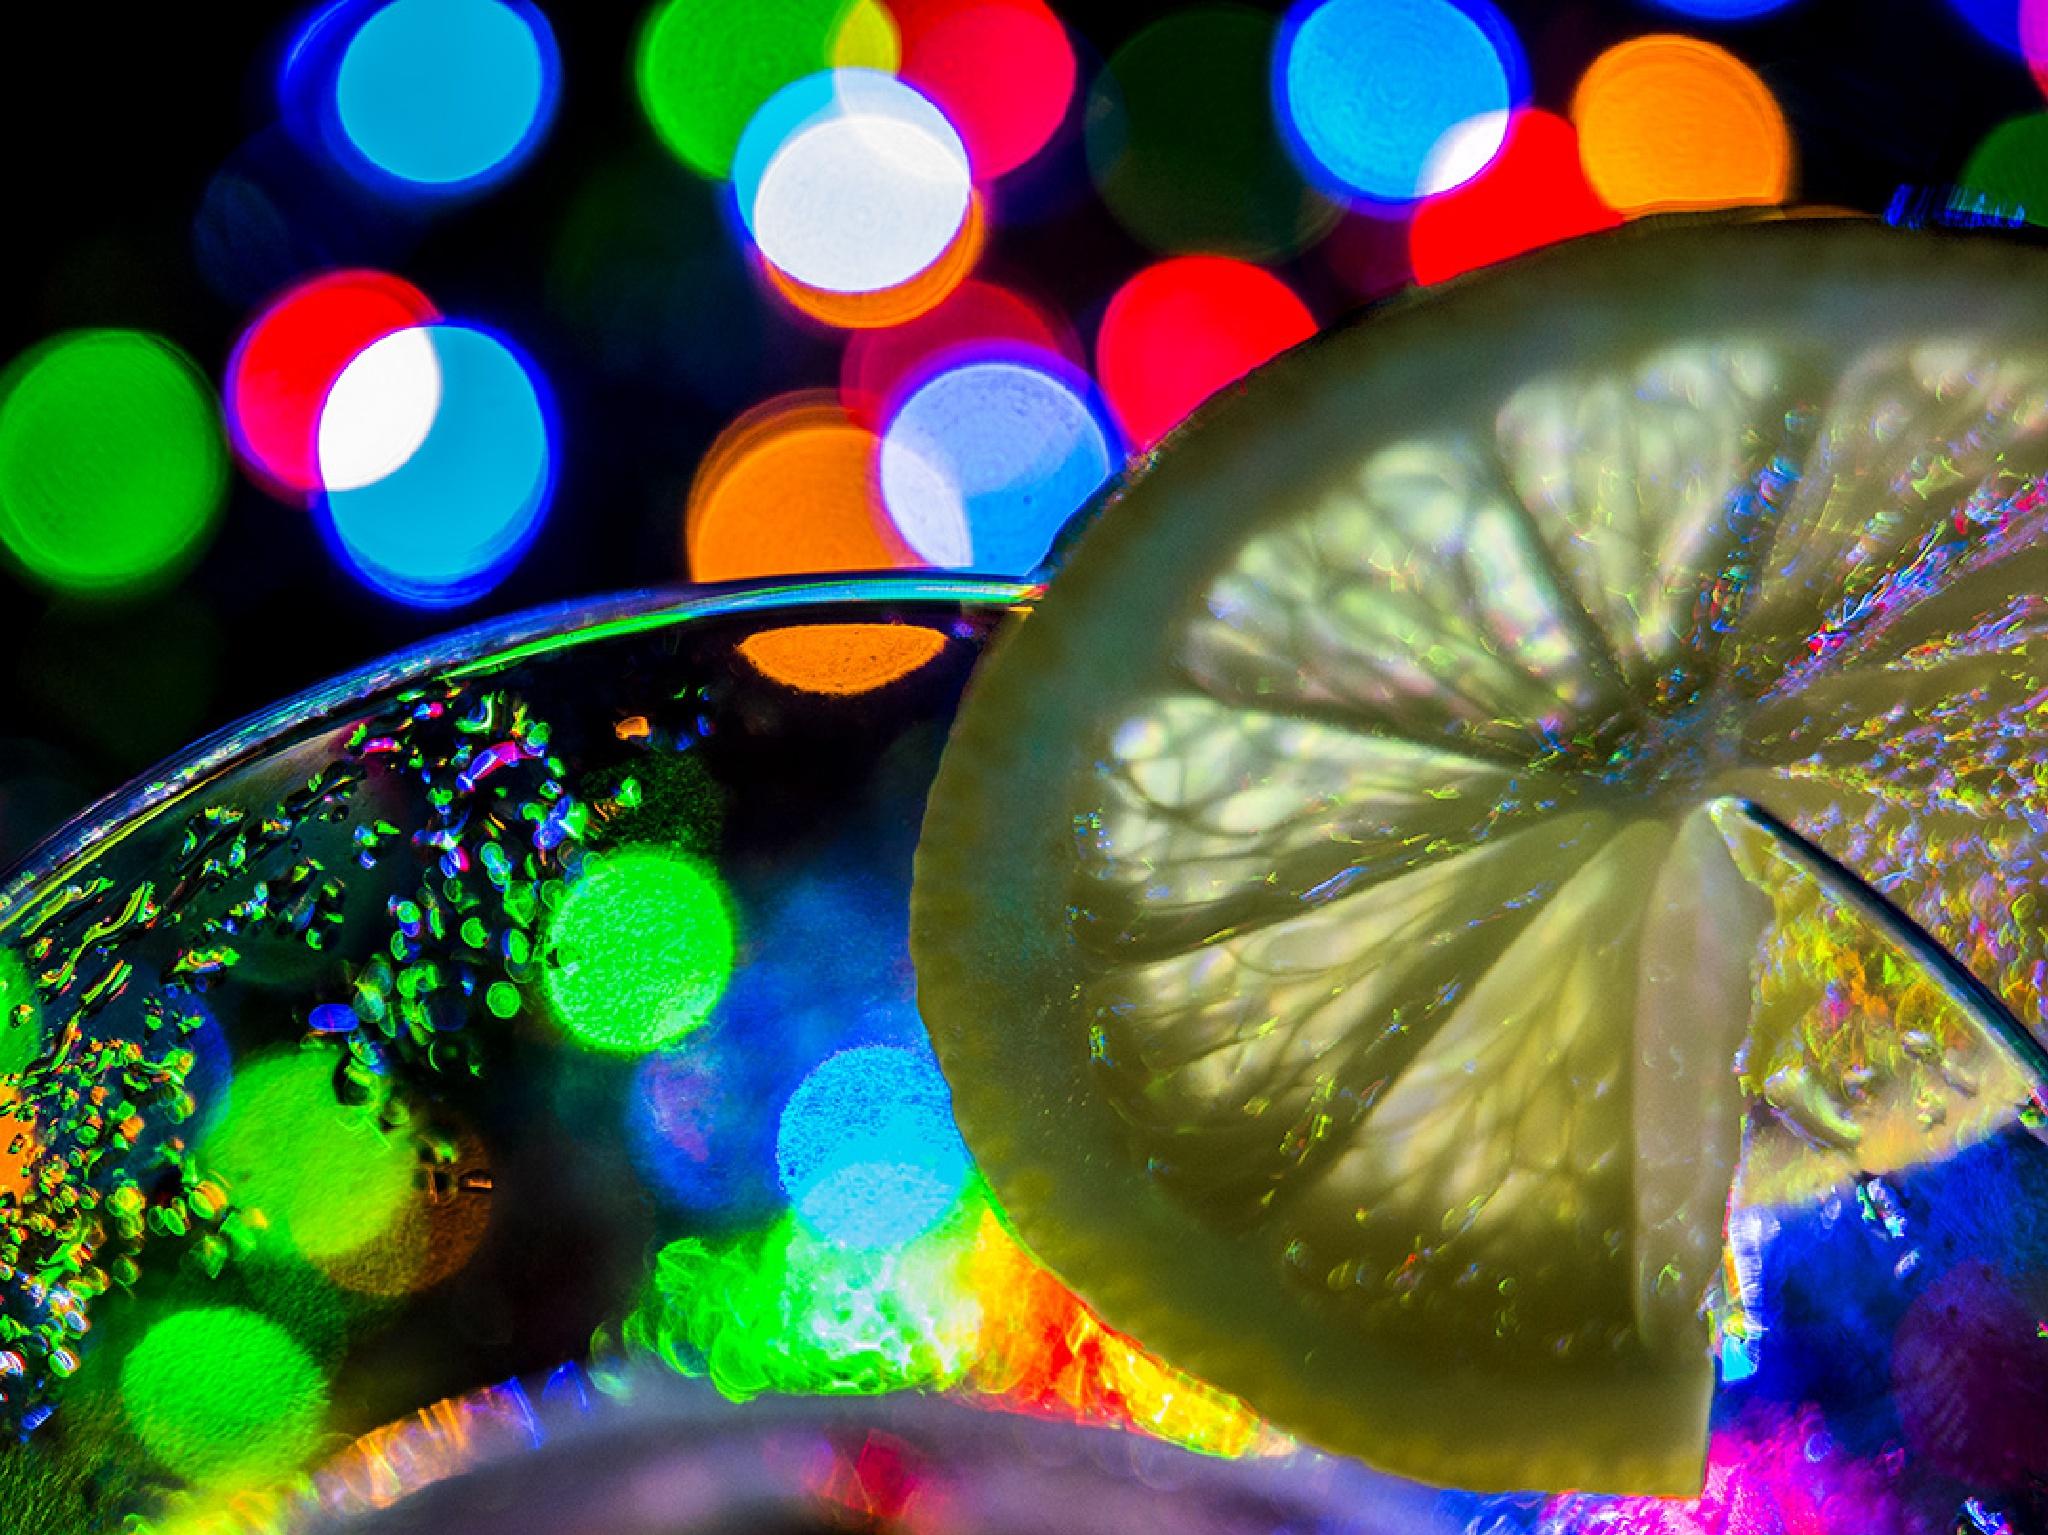 Lemon by staffan.hakansson.9